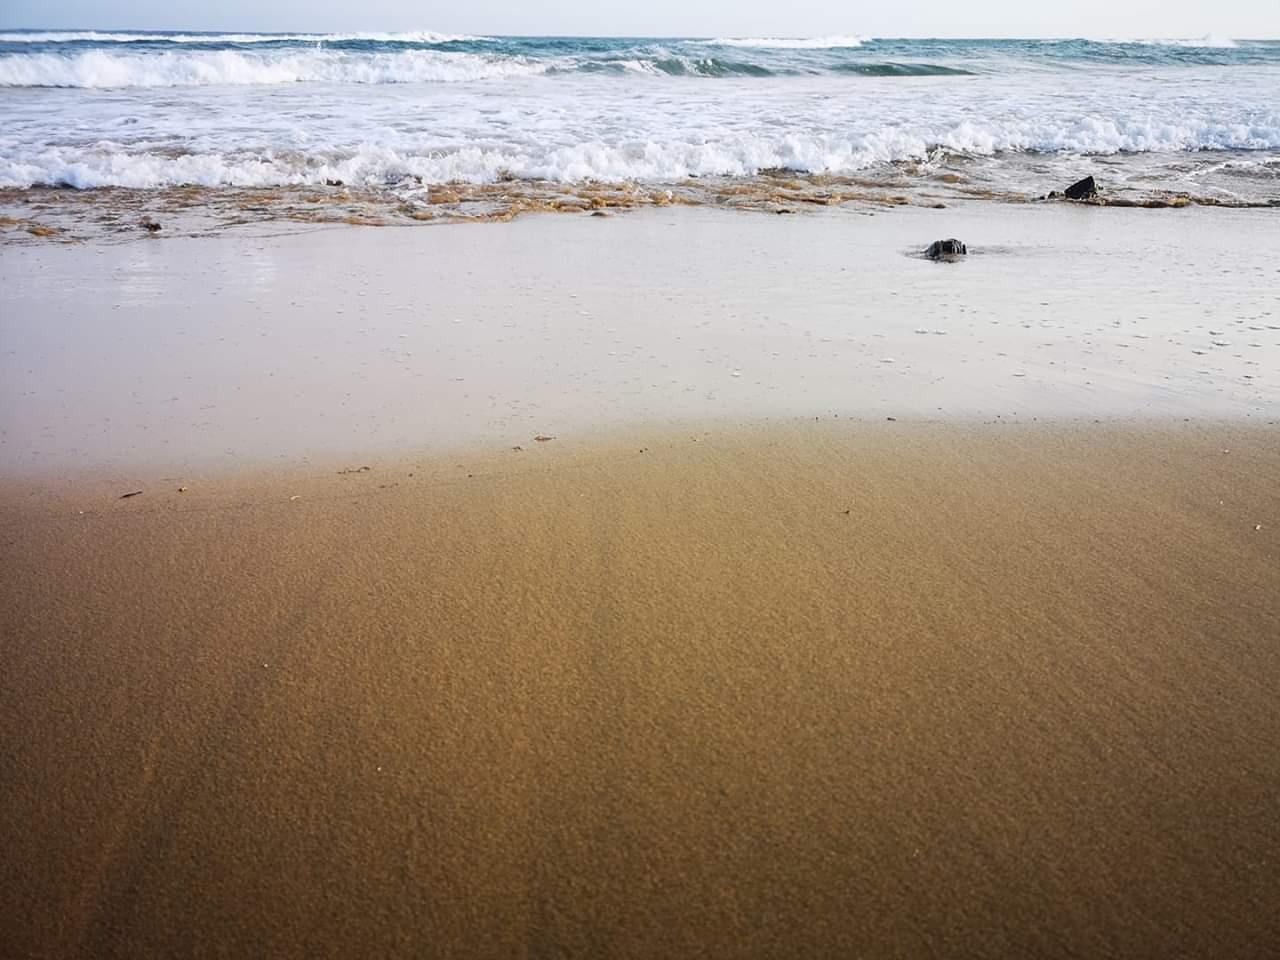 El Mar Menor... Va a ser el Mal Menor.. El Mal Mayor va a ser toda la Cuenca del Mar Mediterráneo